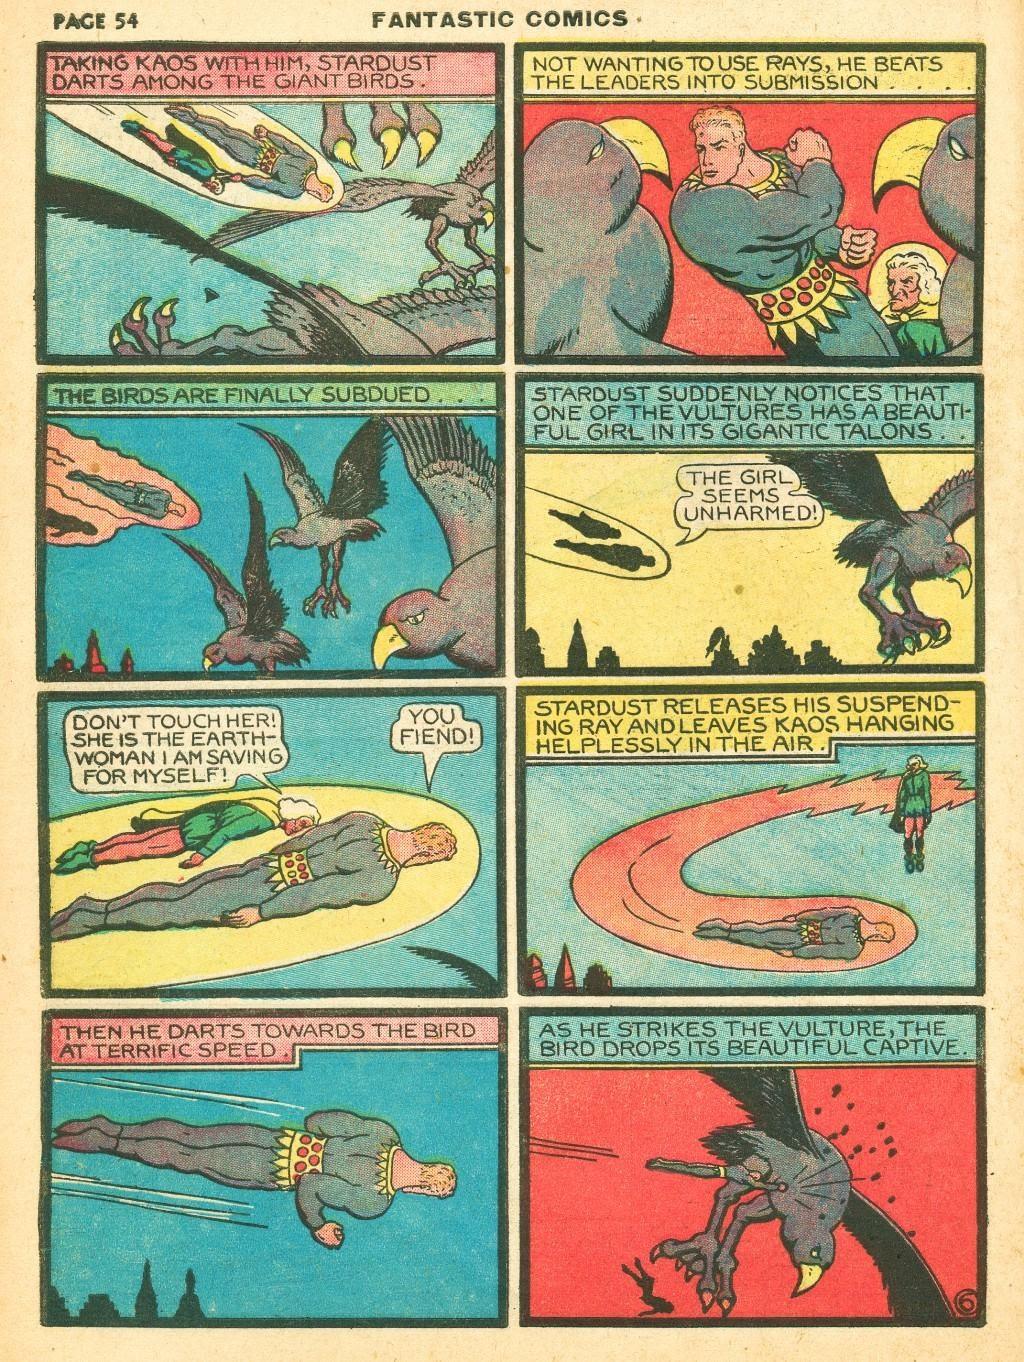 Read online Fantastic Comics comic -  Issue #12 - 56